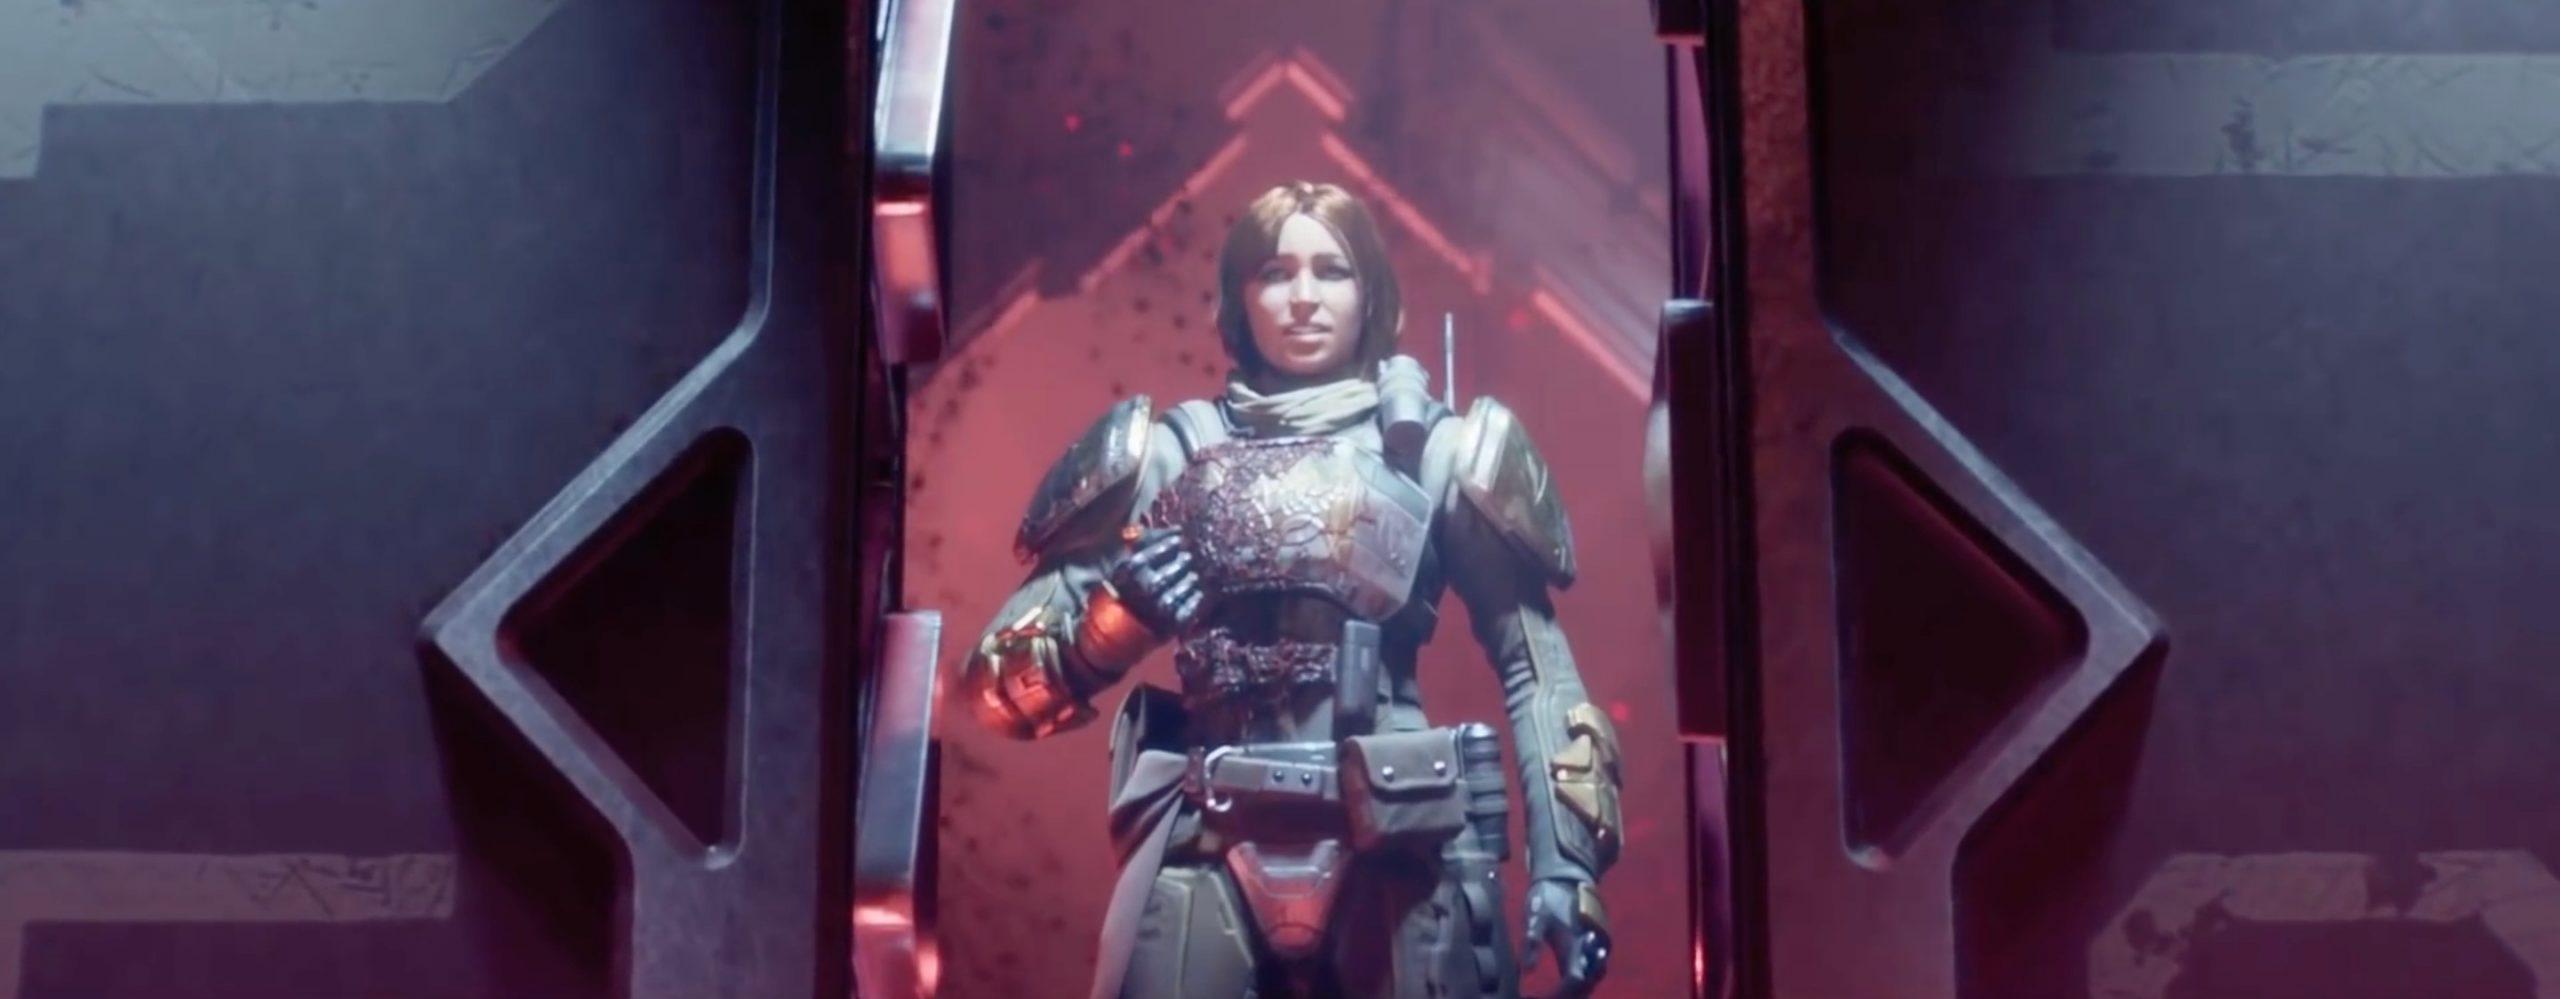 Destiny 2: Sieht so aus, als kehrt bald eine große Bedrohung aus Teil 1 zurück